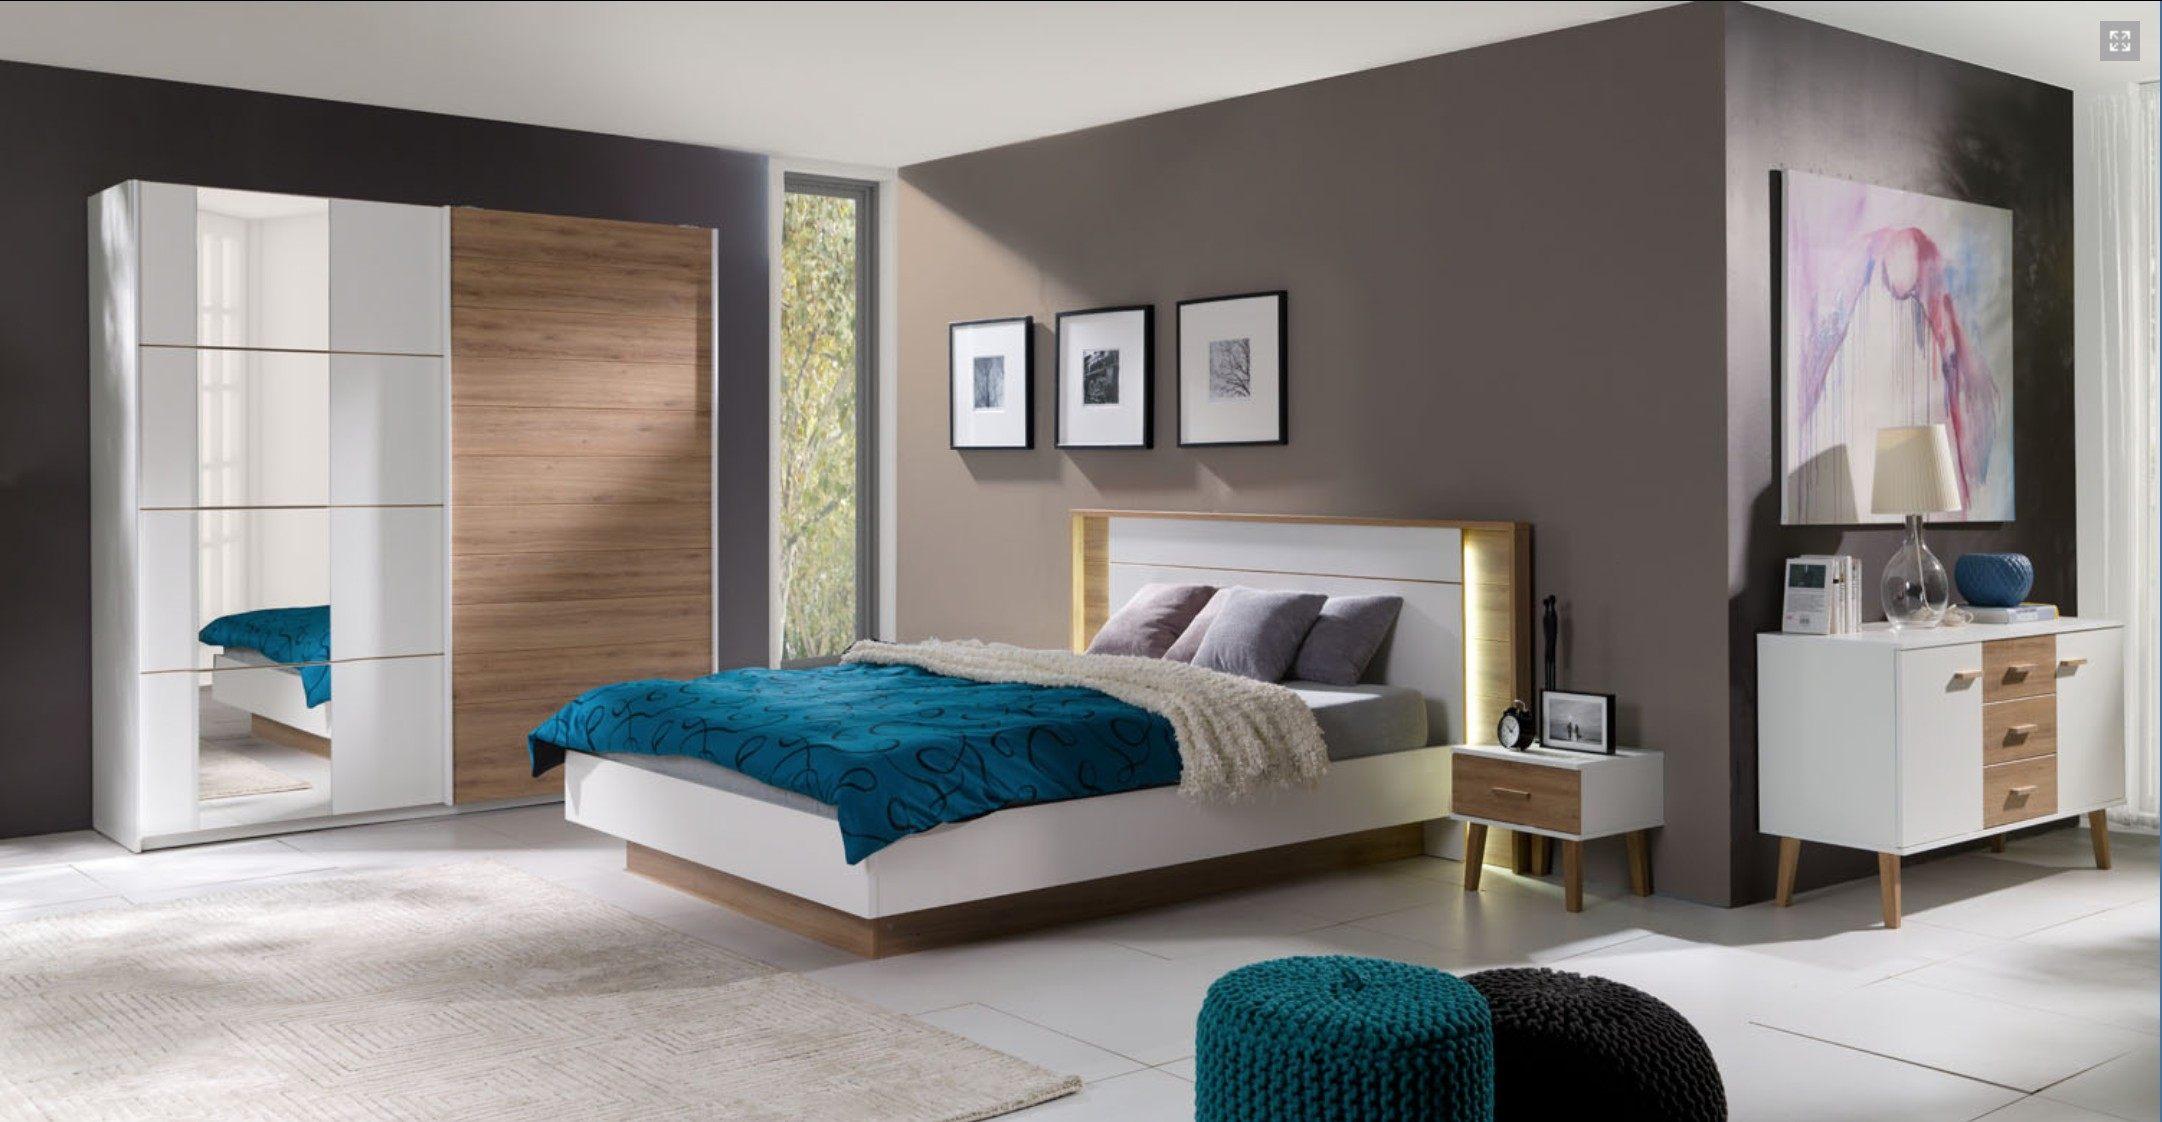 Lit Scandinave 160x200 Inspiré Chambre € Coucher Lit Adulte Design Artur 2 X Chevets Led somm